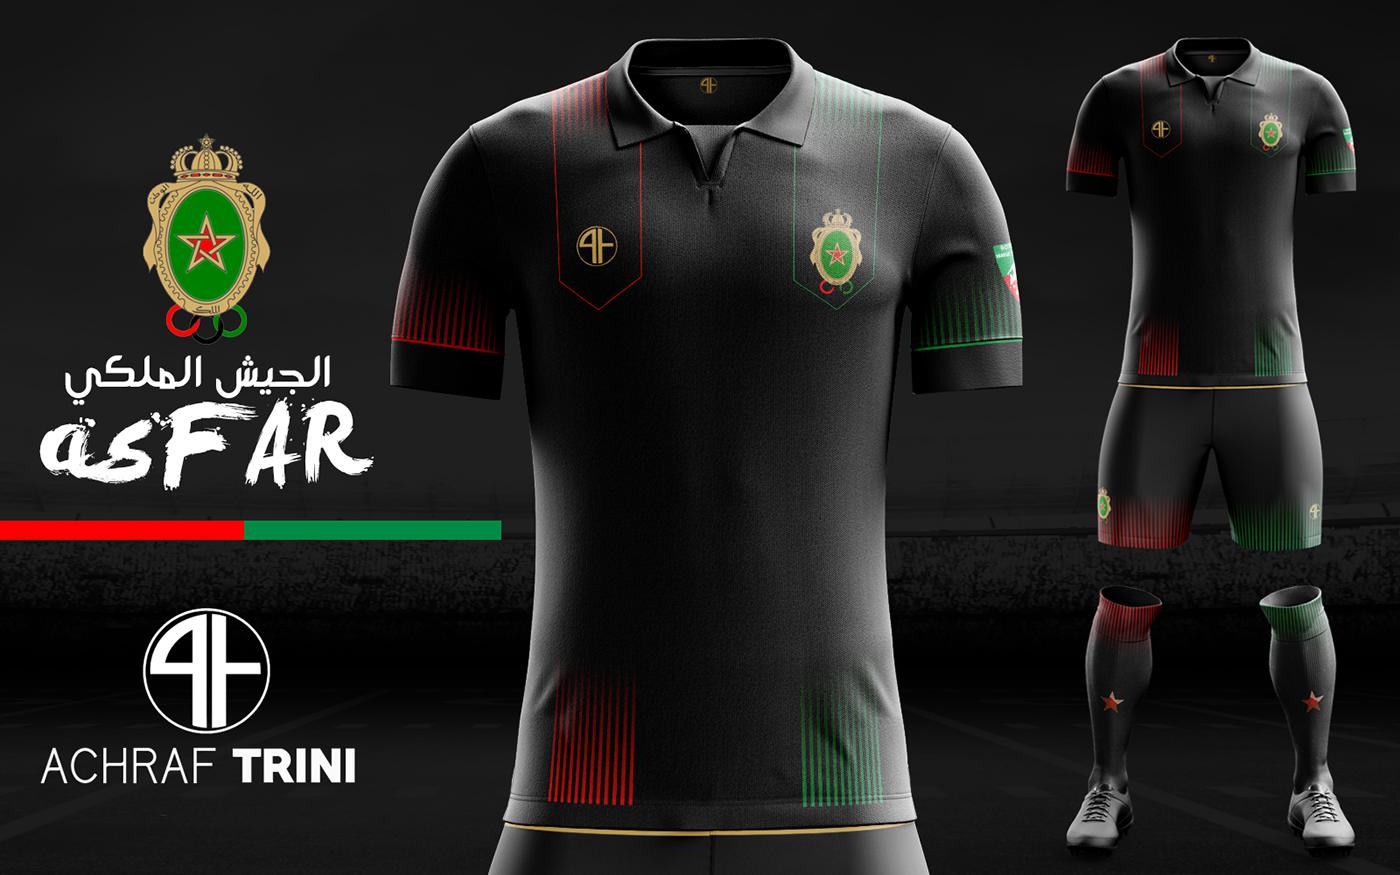 593470c652 Designer cria novos uniformes para equipes marroquinas - Show de Camisas